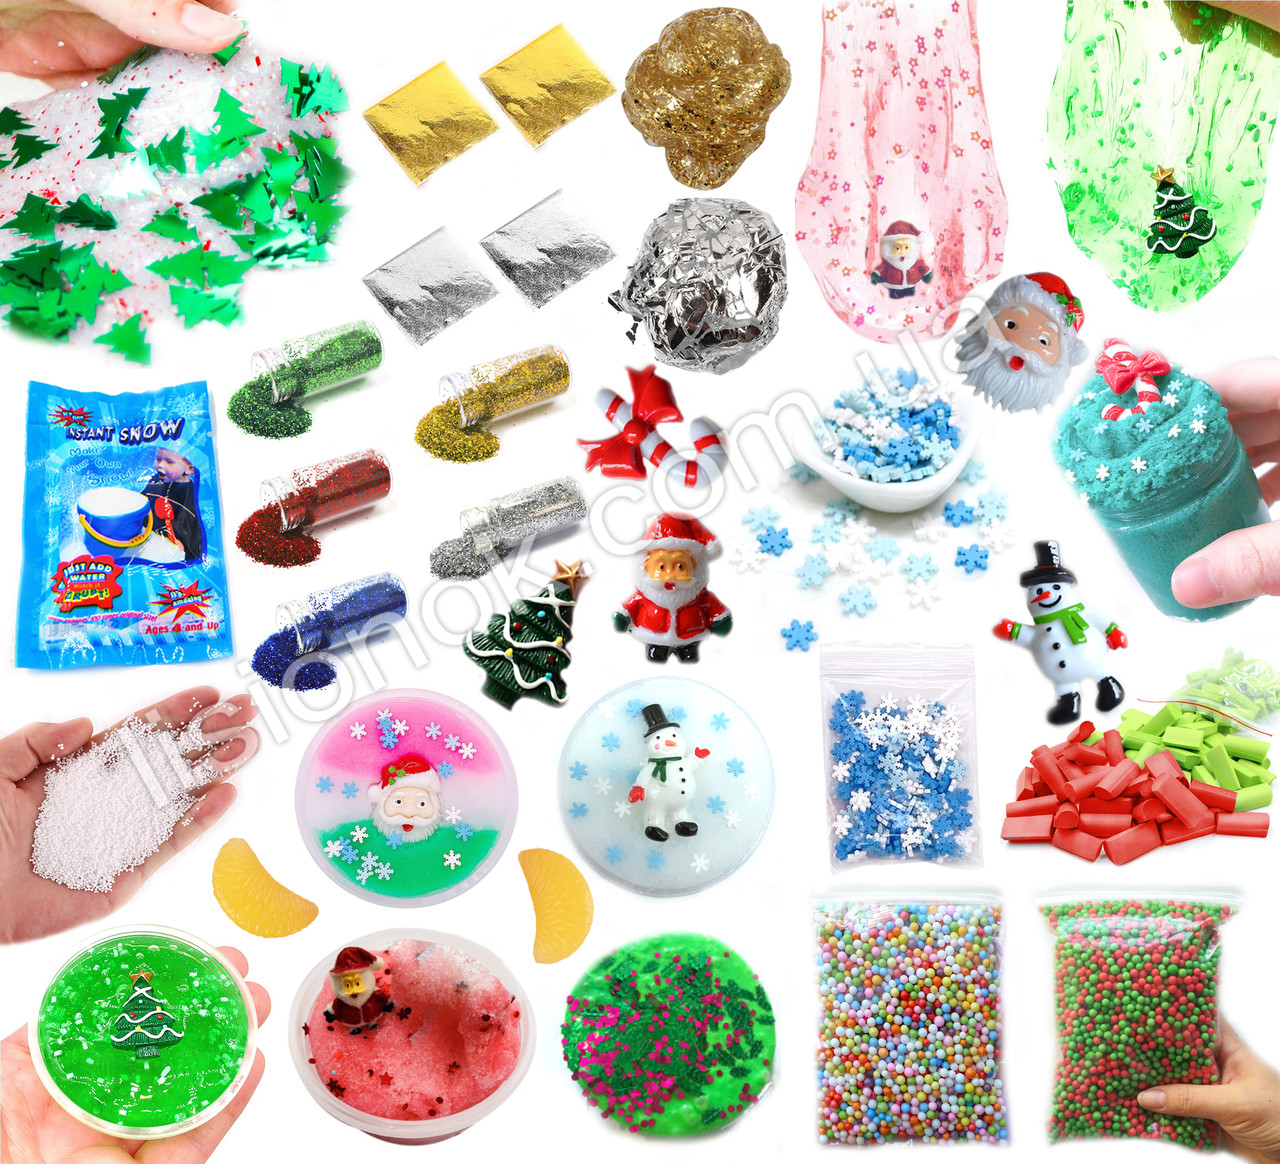 Новогодний Slime box набор добавок для слайма: шармики, пенопласт, фоам чанкс, глиттер, баночки